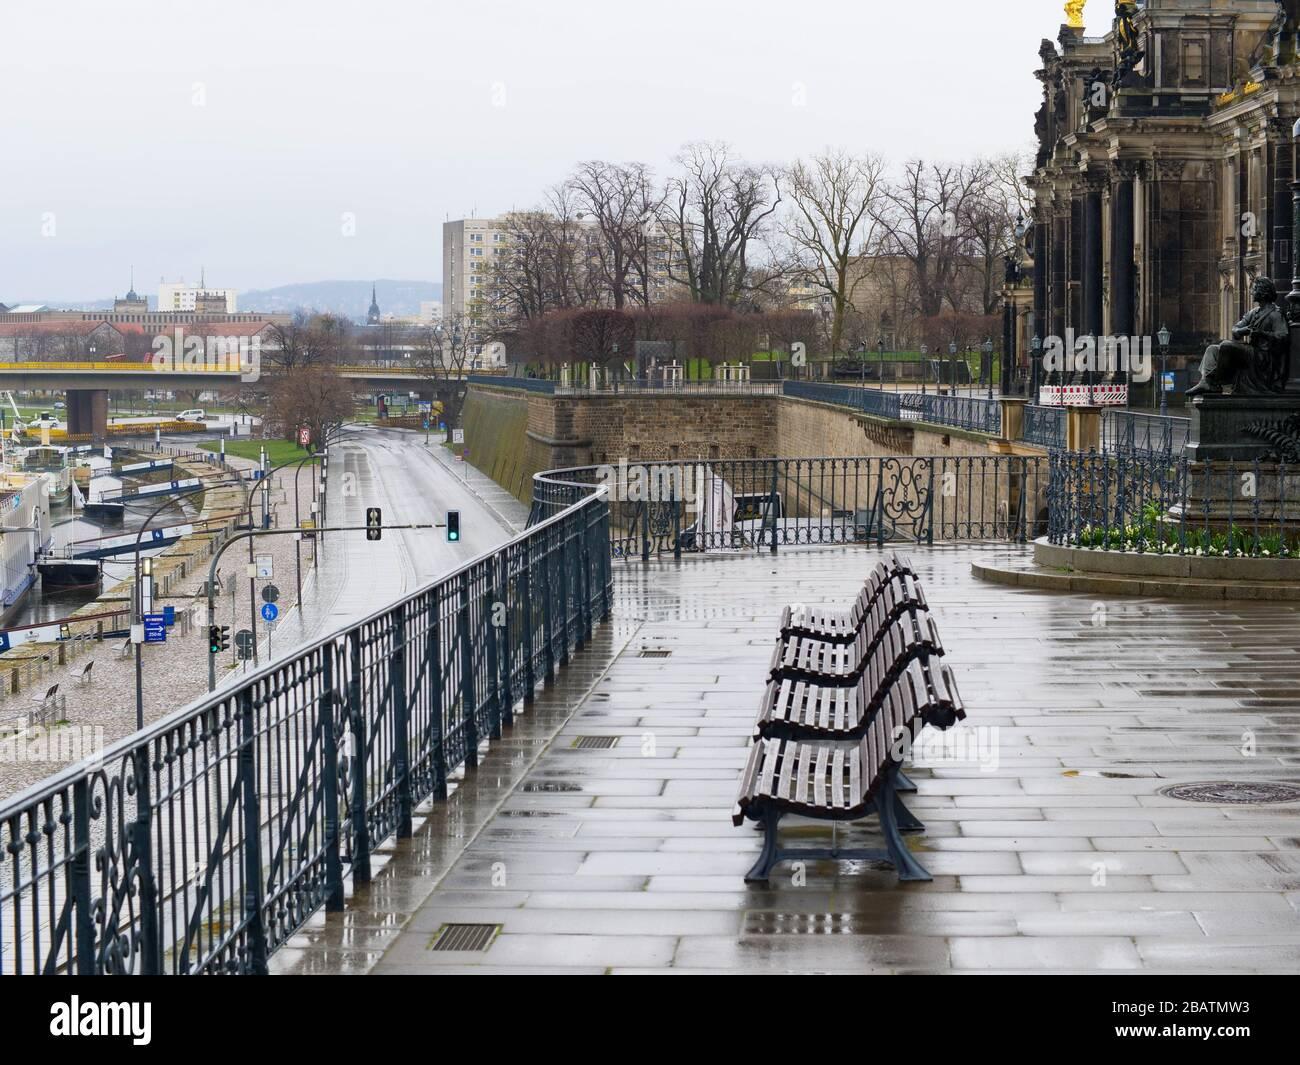 Leere Parkbänke auf der Brühlschen Terrasse in Dresden während Coronavirus Lockdown und Regen historische Altstadt Regenwetter Brühl-Terrasse Stockfoto